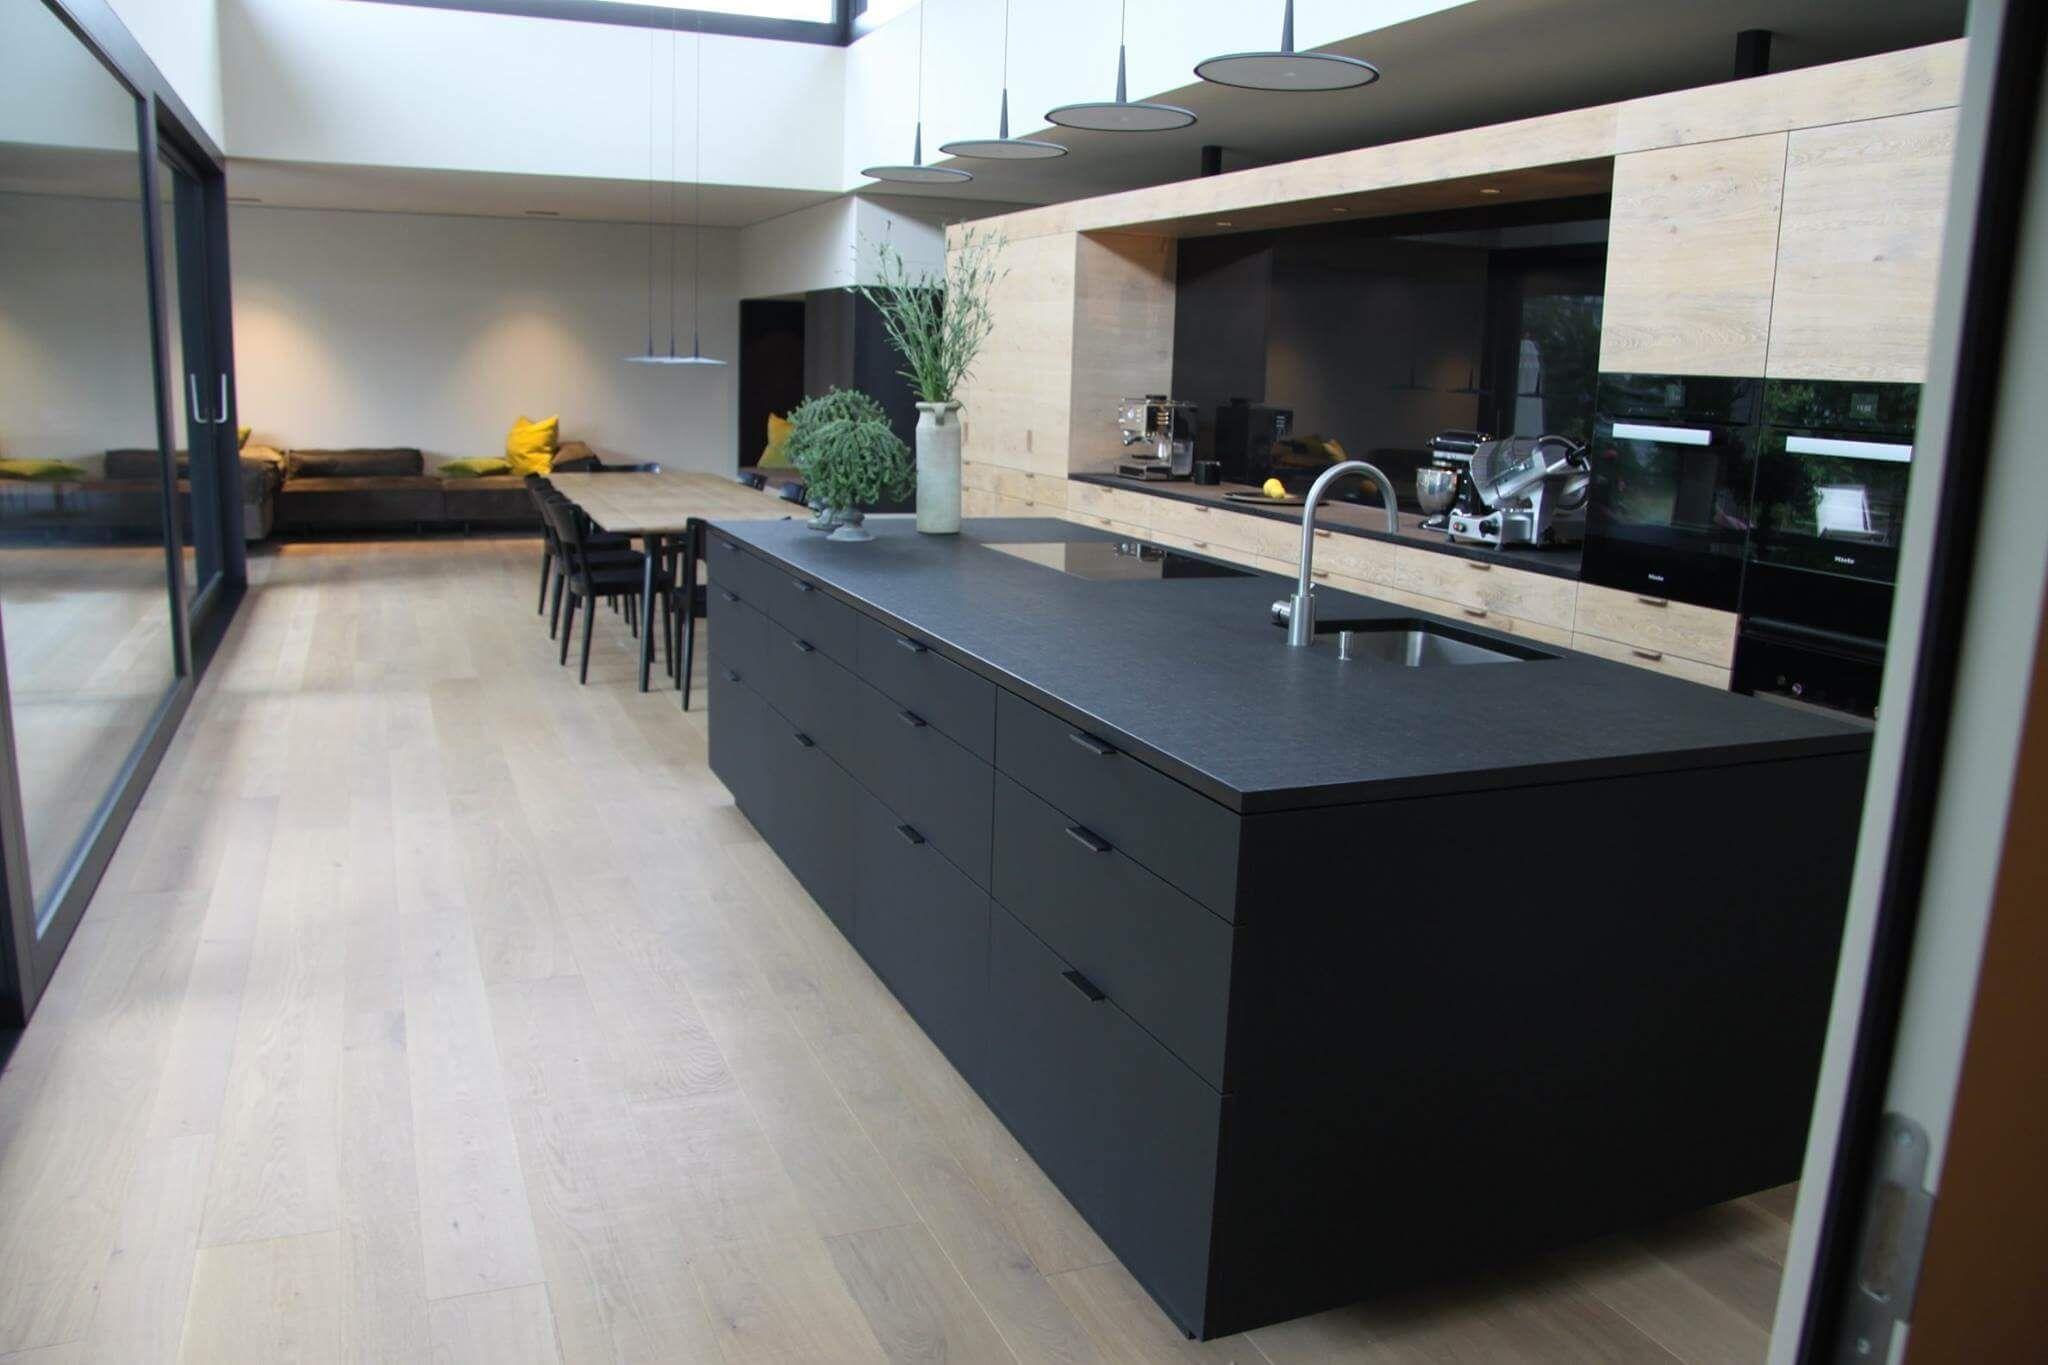 Elegant Viele Bilder Und Ideen Für Deine Neue Küche, In Der Eine Schwarze Kochinsel  Im Mittelpunkt Amazing Design